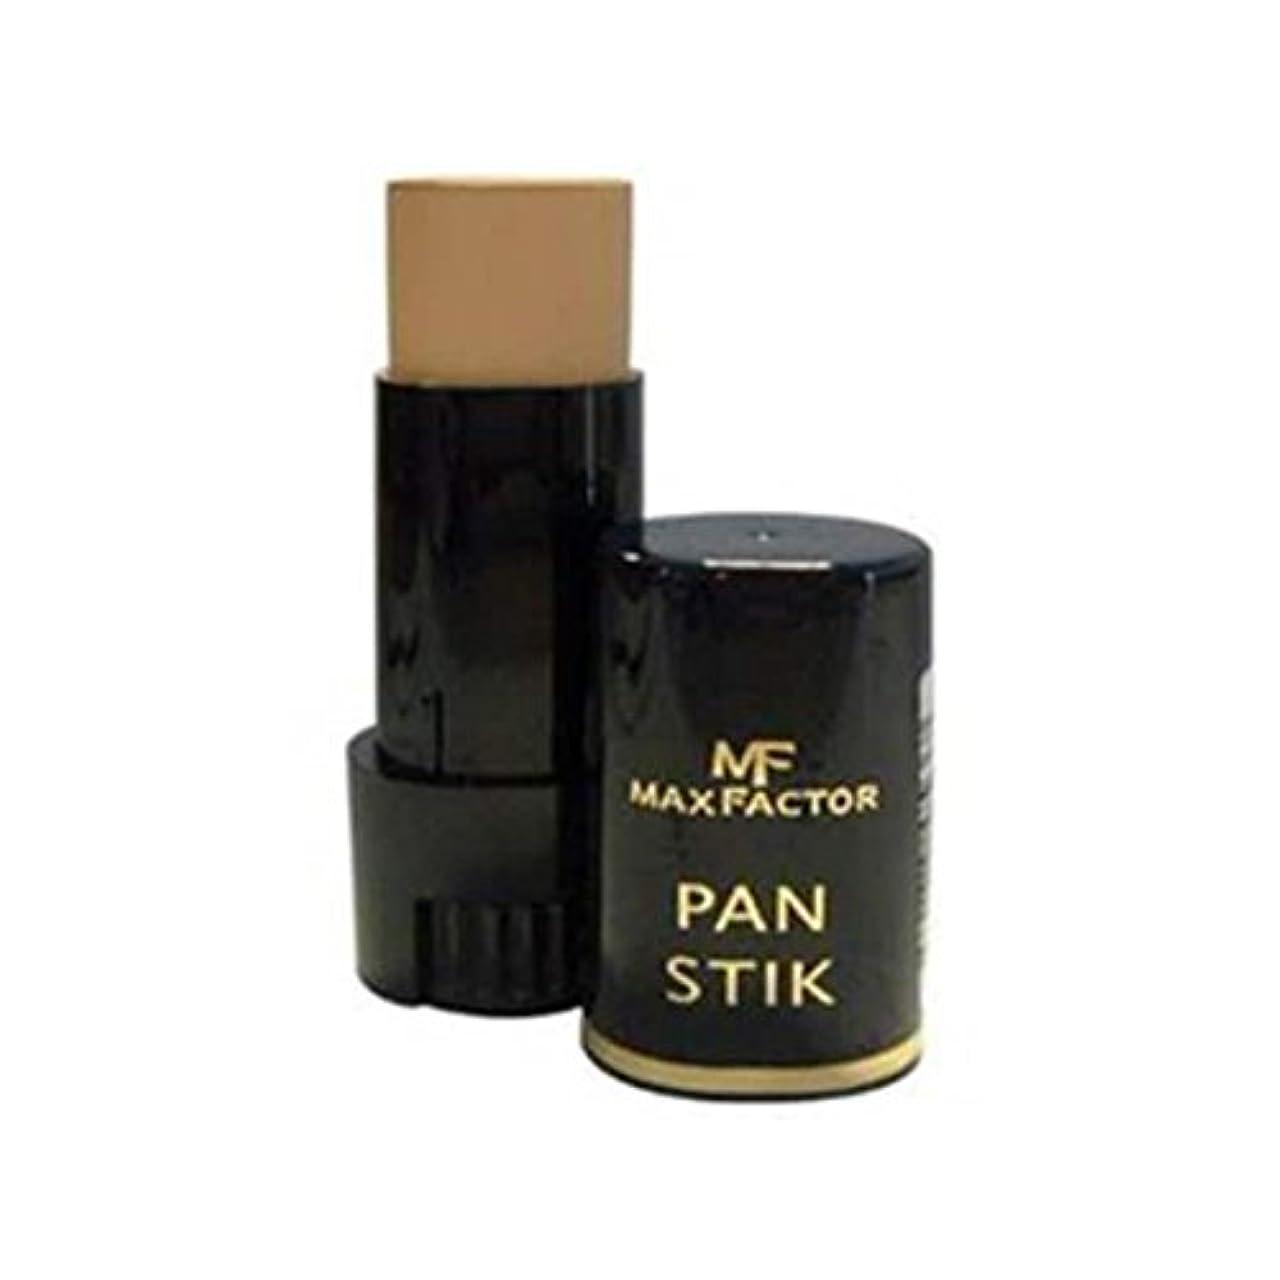 劇作家ヒゲクジラ狂うマックスファクターパンスティック基盤深いオリーブ60 x4 - Max Factor Pan Stick Foundation Deep Olive 60 (Pack of 4) [並行輸入品]